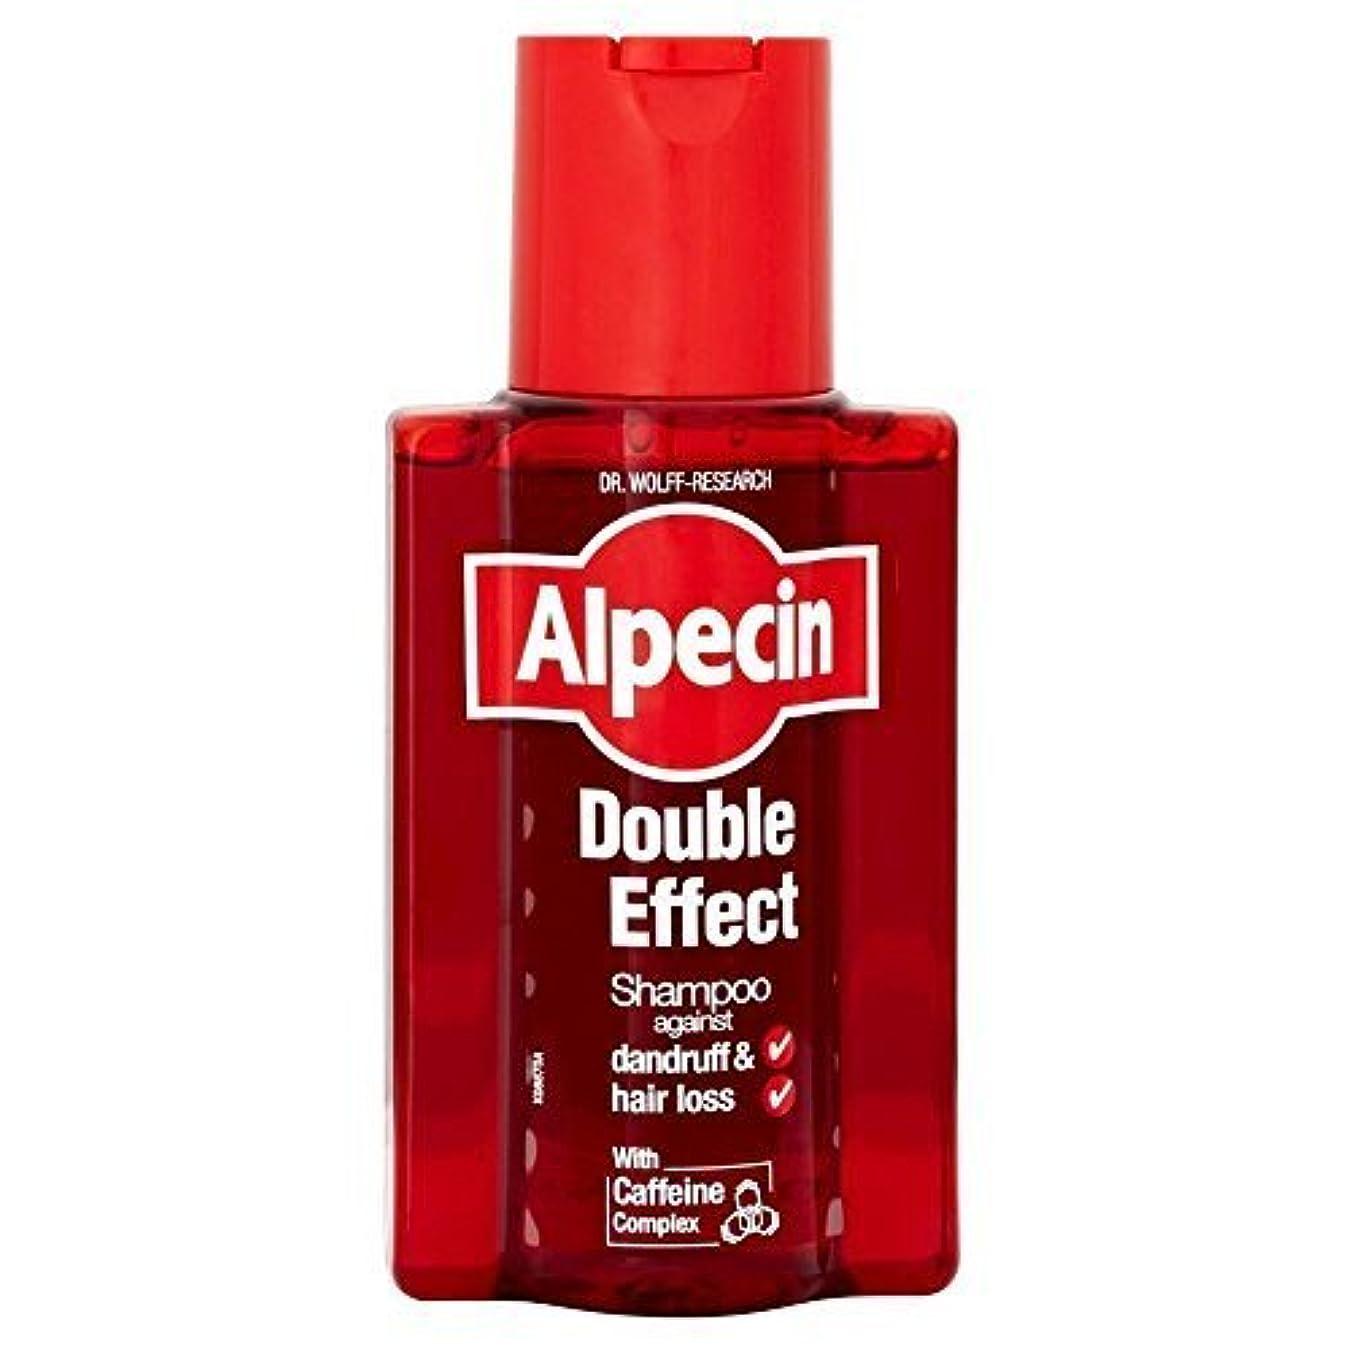 厳しっとりハウジングAlpecin Double Effect Shampoo (200ml) by Grocery [並行輸入品]